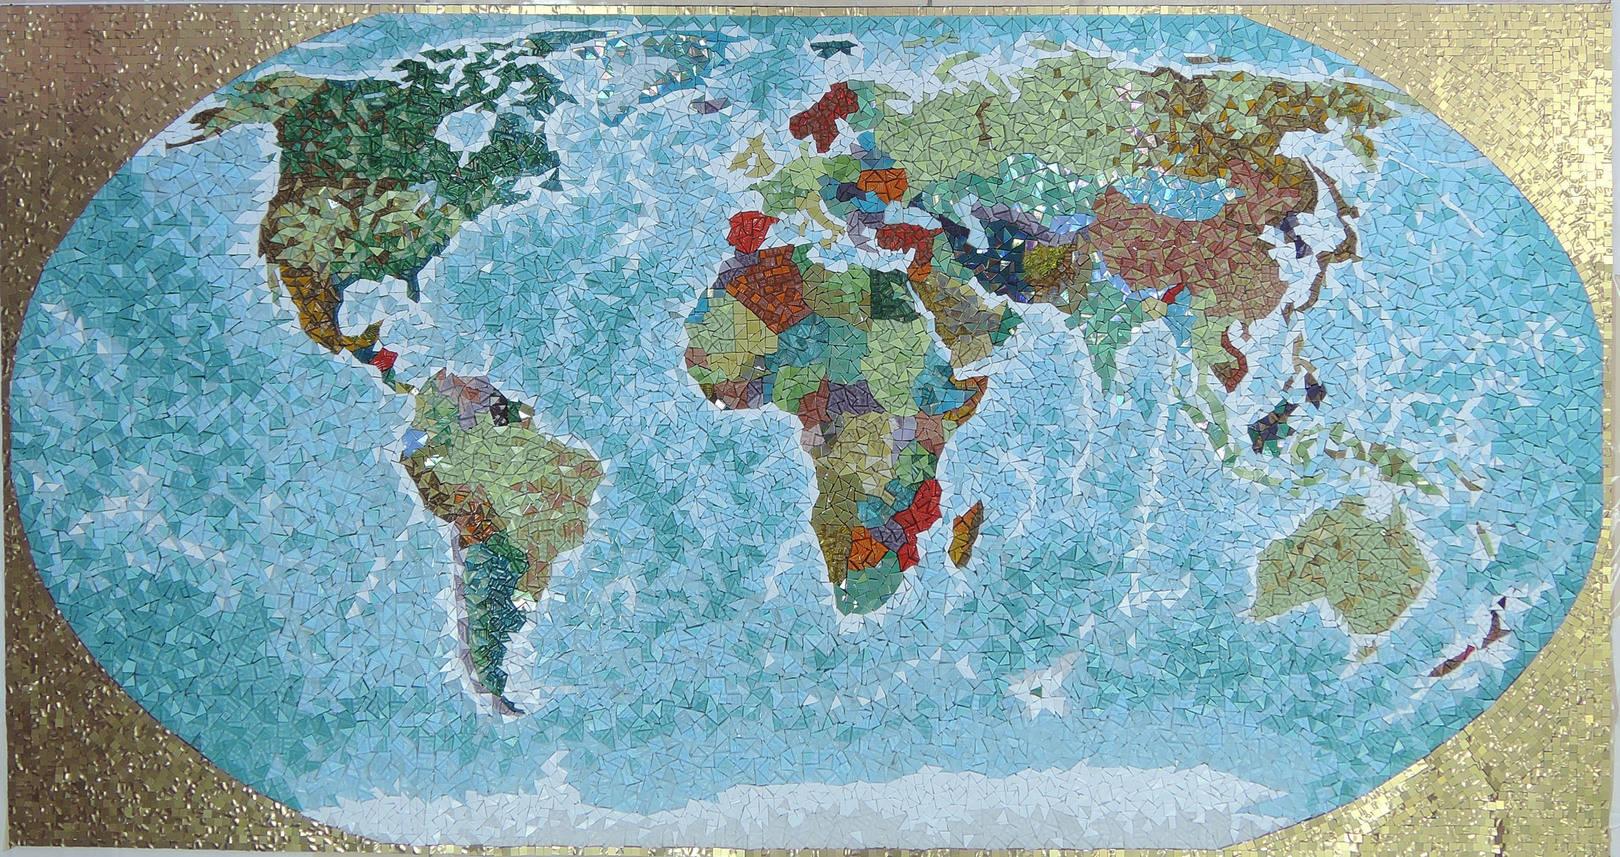 Карта мира 2000мм Х 1200 мм, выполнено в технике художественная мозаика,  с использованием стеклянной мозаики BISAZZA, ROSE, TREND, ART& NATURA. В панно используется комбинирование глянцевой и матовой поверхности стеклянной плитки, а так же комбинирование укладки мозаики.@irina_nesterova_in